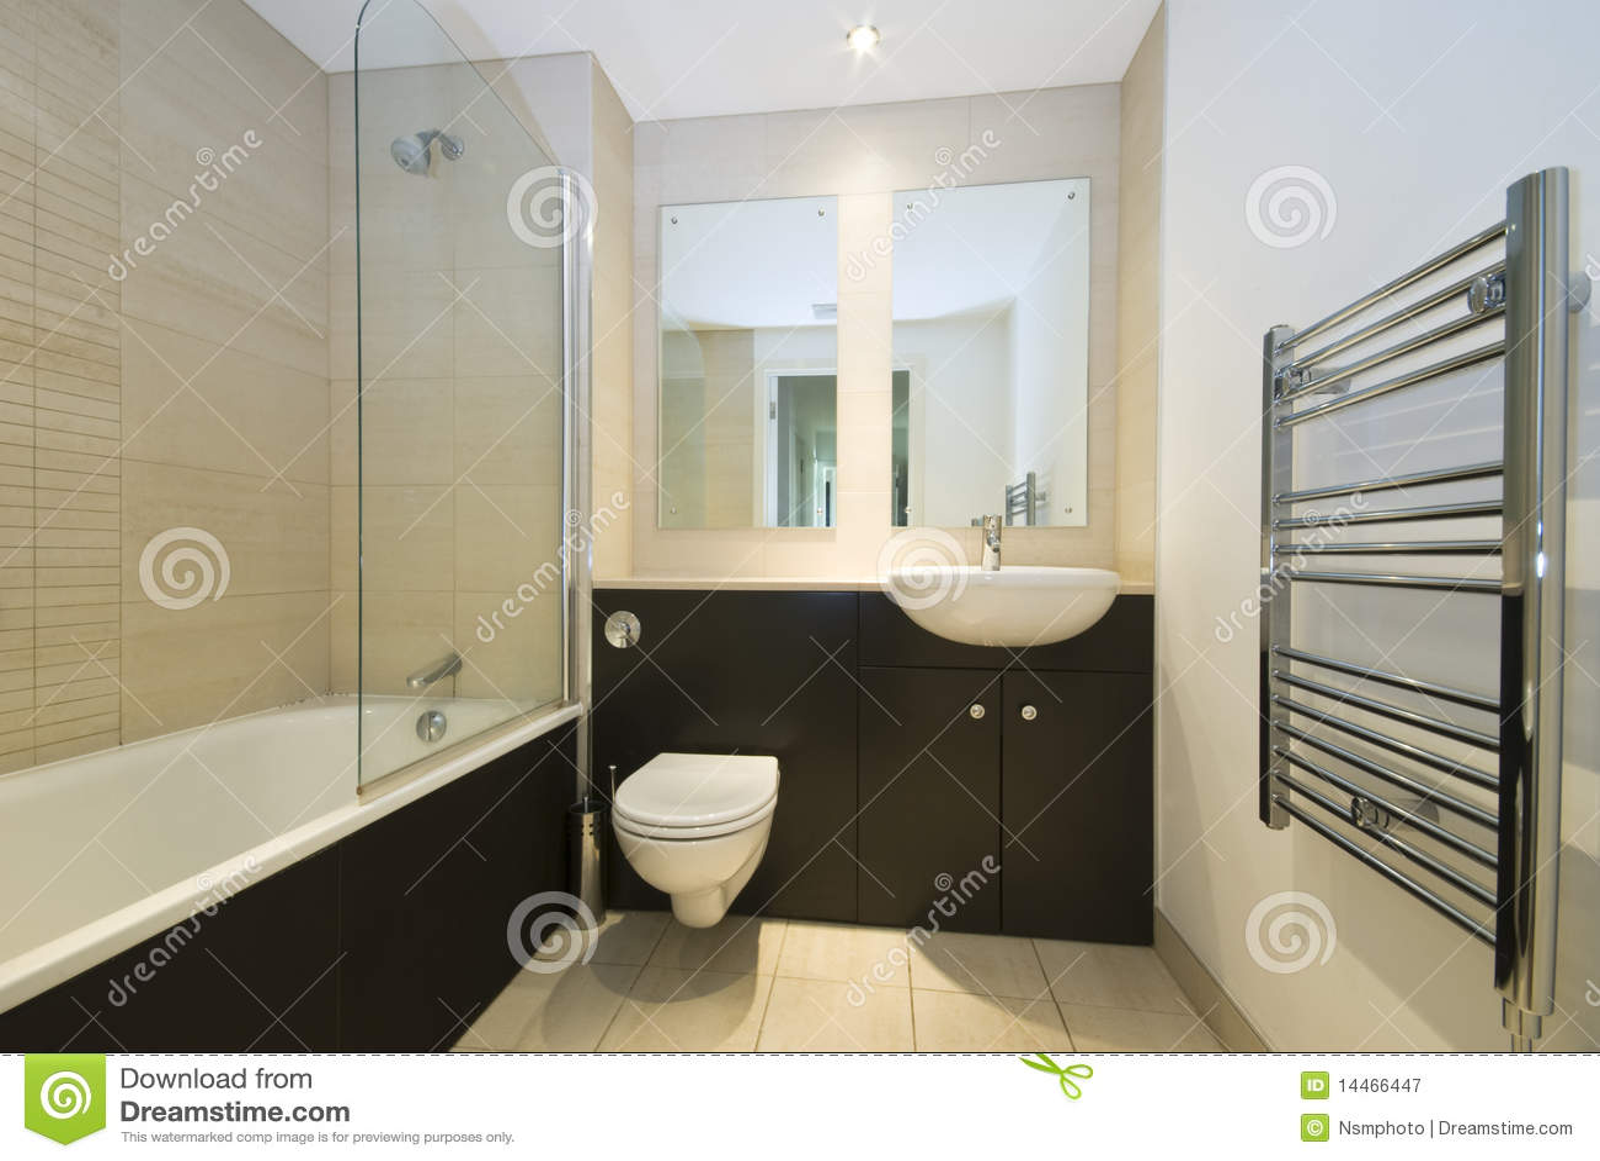 stanza da bagno moderna della famiglia nel beige e nel colore ... - Bagni Moderni Beige E Marrone